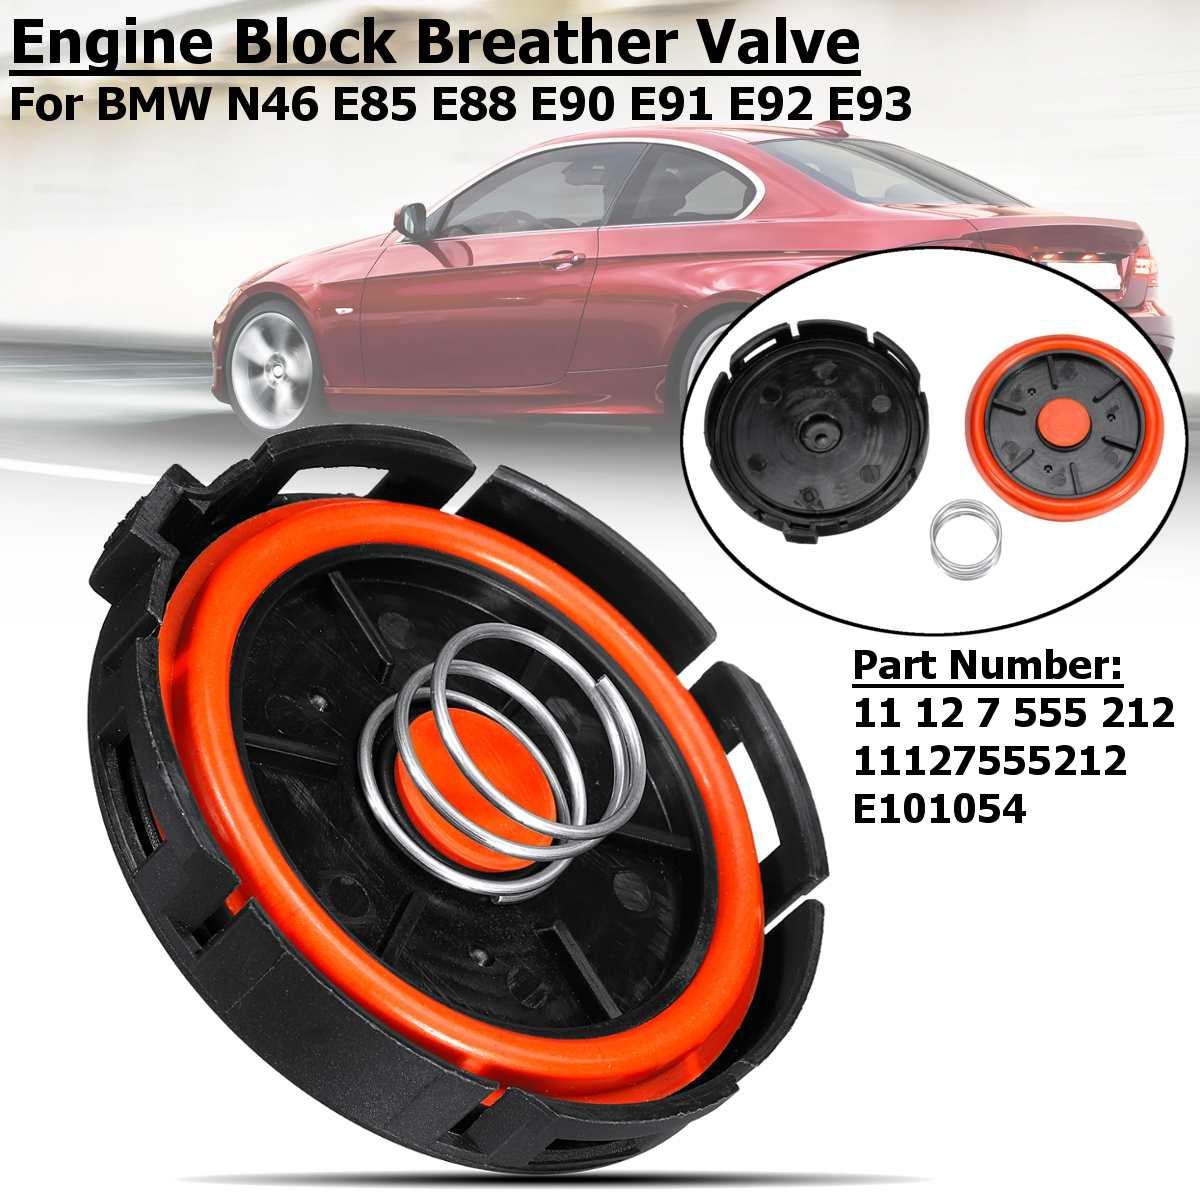 Araba aksesuarları motor bloğu havalandırma vakum kontrol Valve11127555212 BMW N46 E81 E82 E84 E85 E87 E88 E90 E91 E92 e93